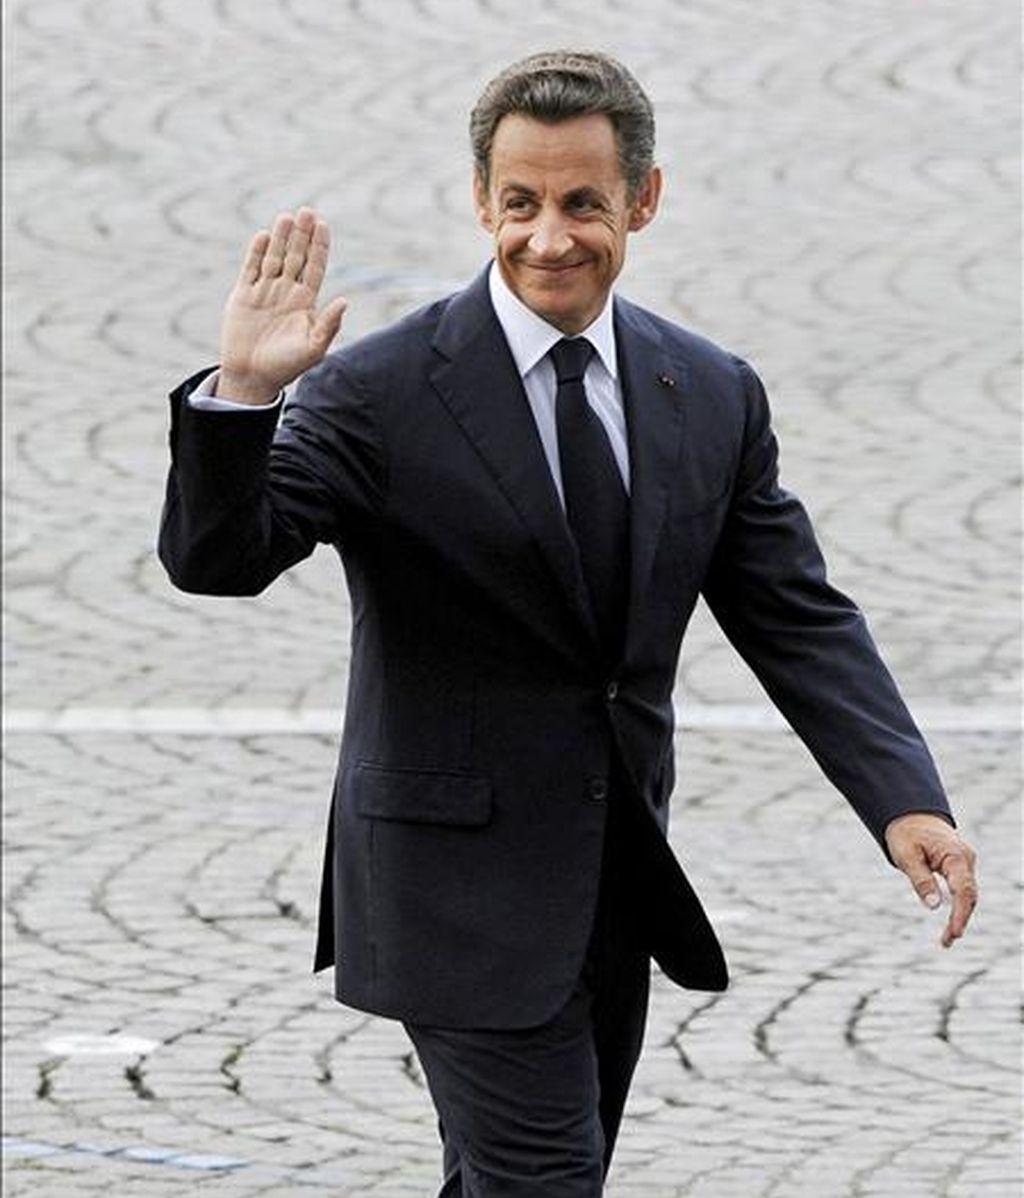 El presidente de Francia Nicolás Sarkozy. EFE/Archivo